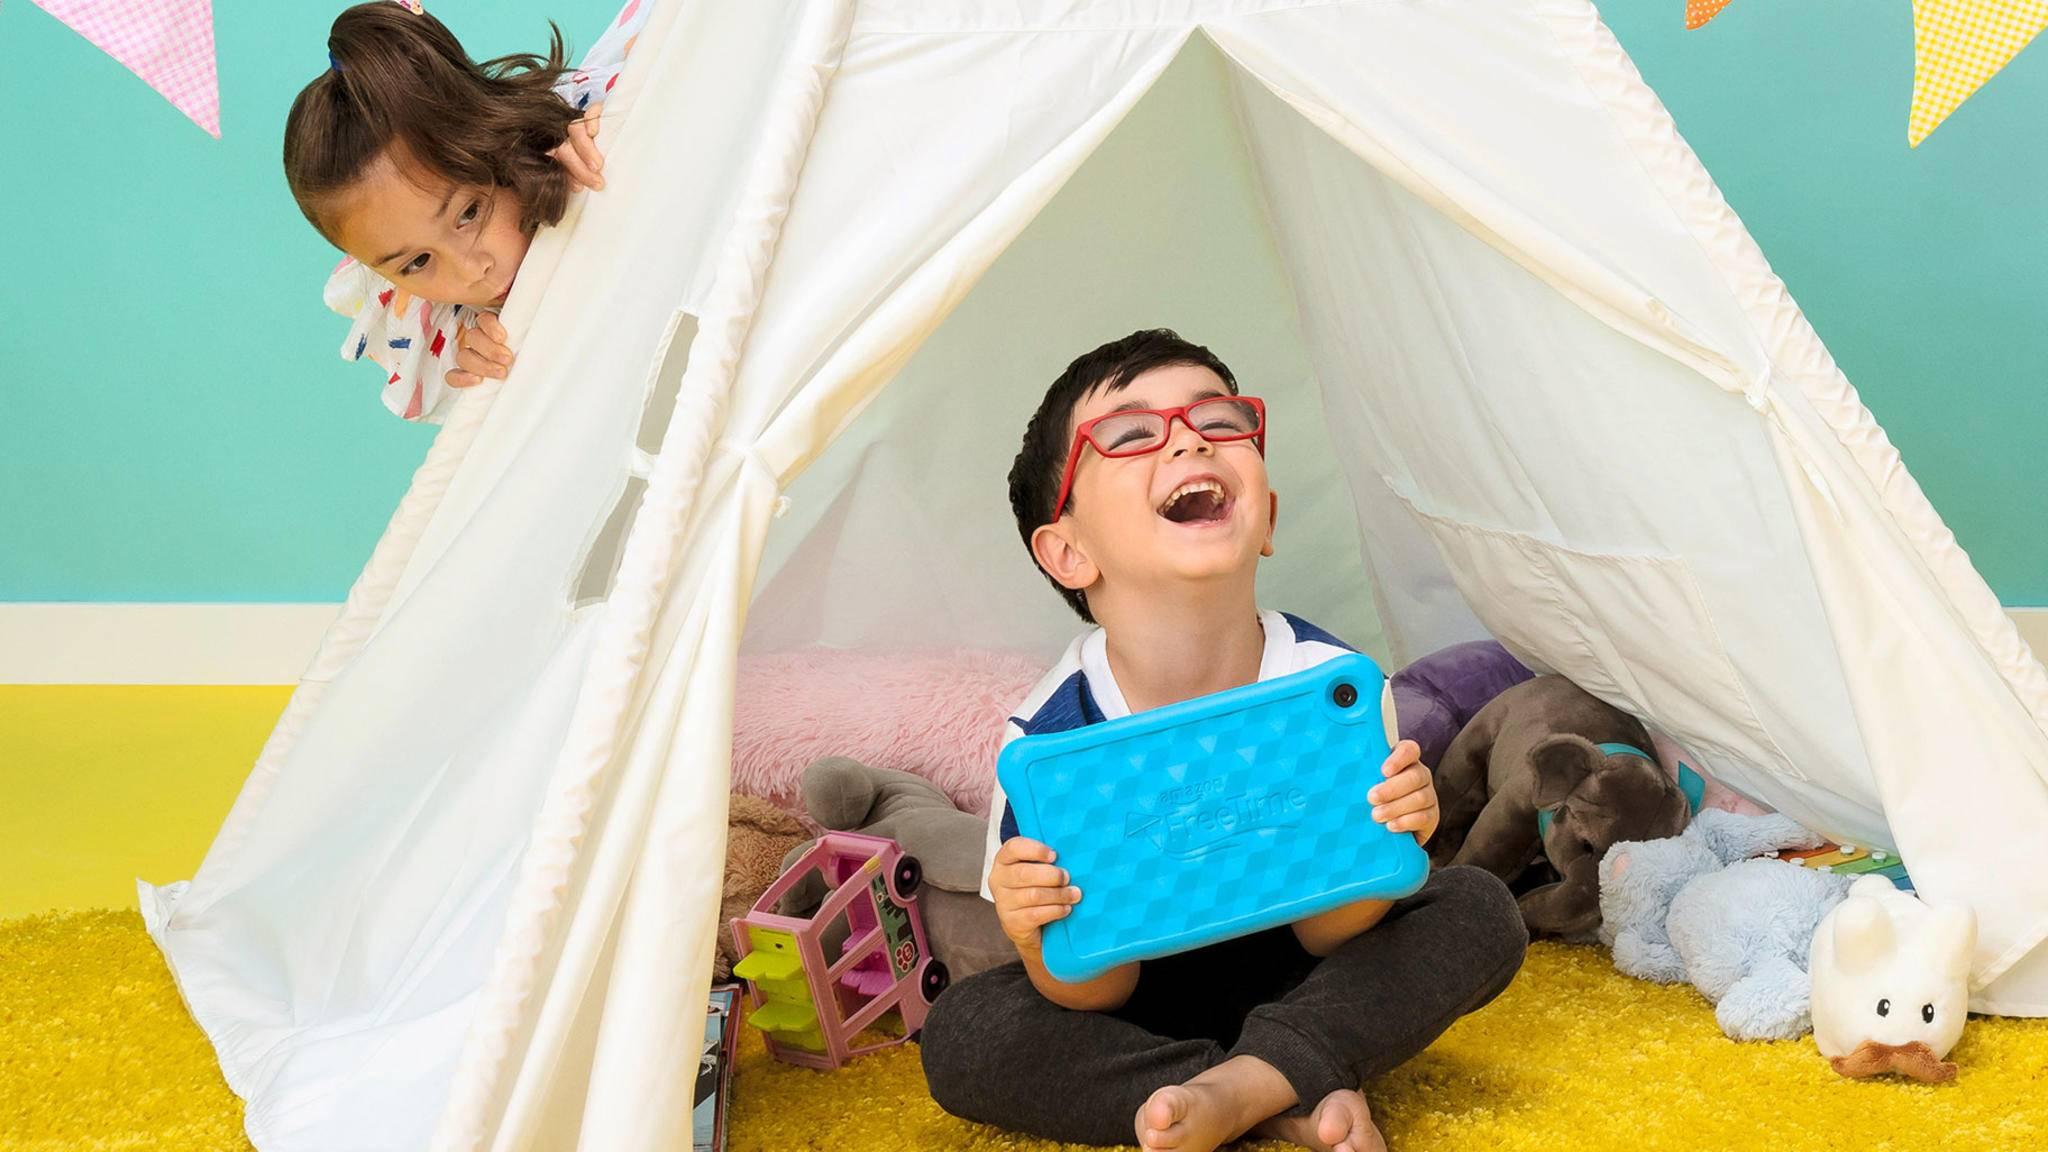 Spezielle Kinder-Tablets sind in der Regel mit einer schützenden Hülle versehen.